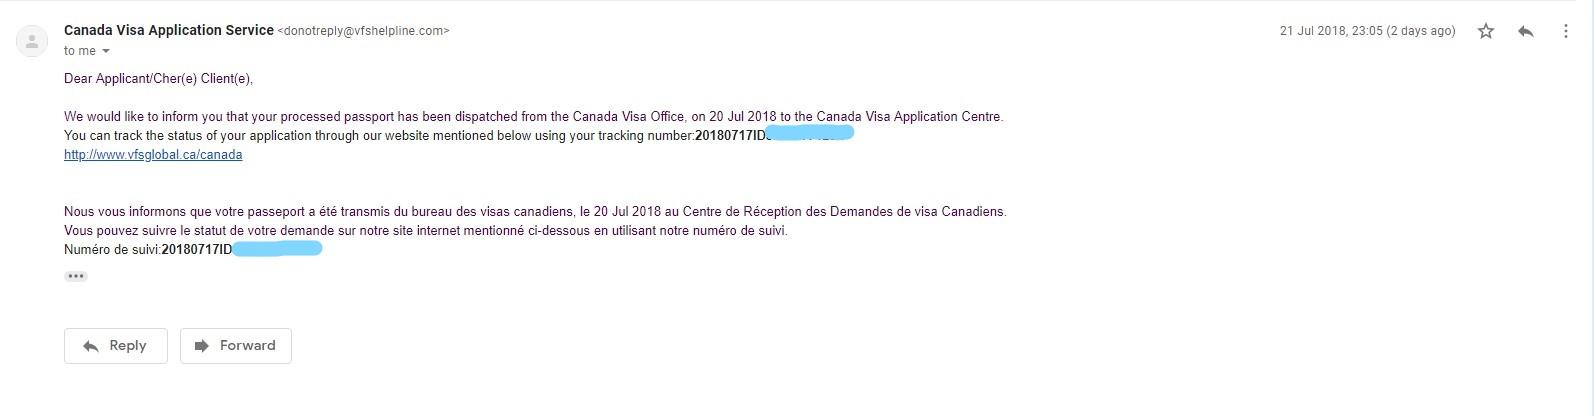 Cara Mengurus Visa Canada Walau Berstatus Pengangguran